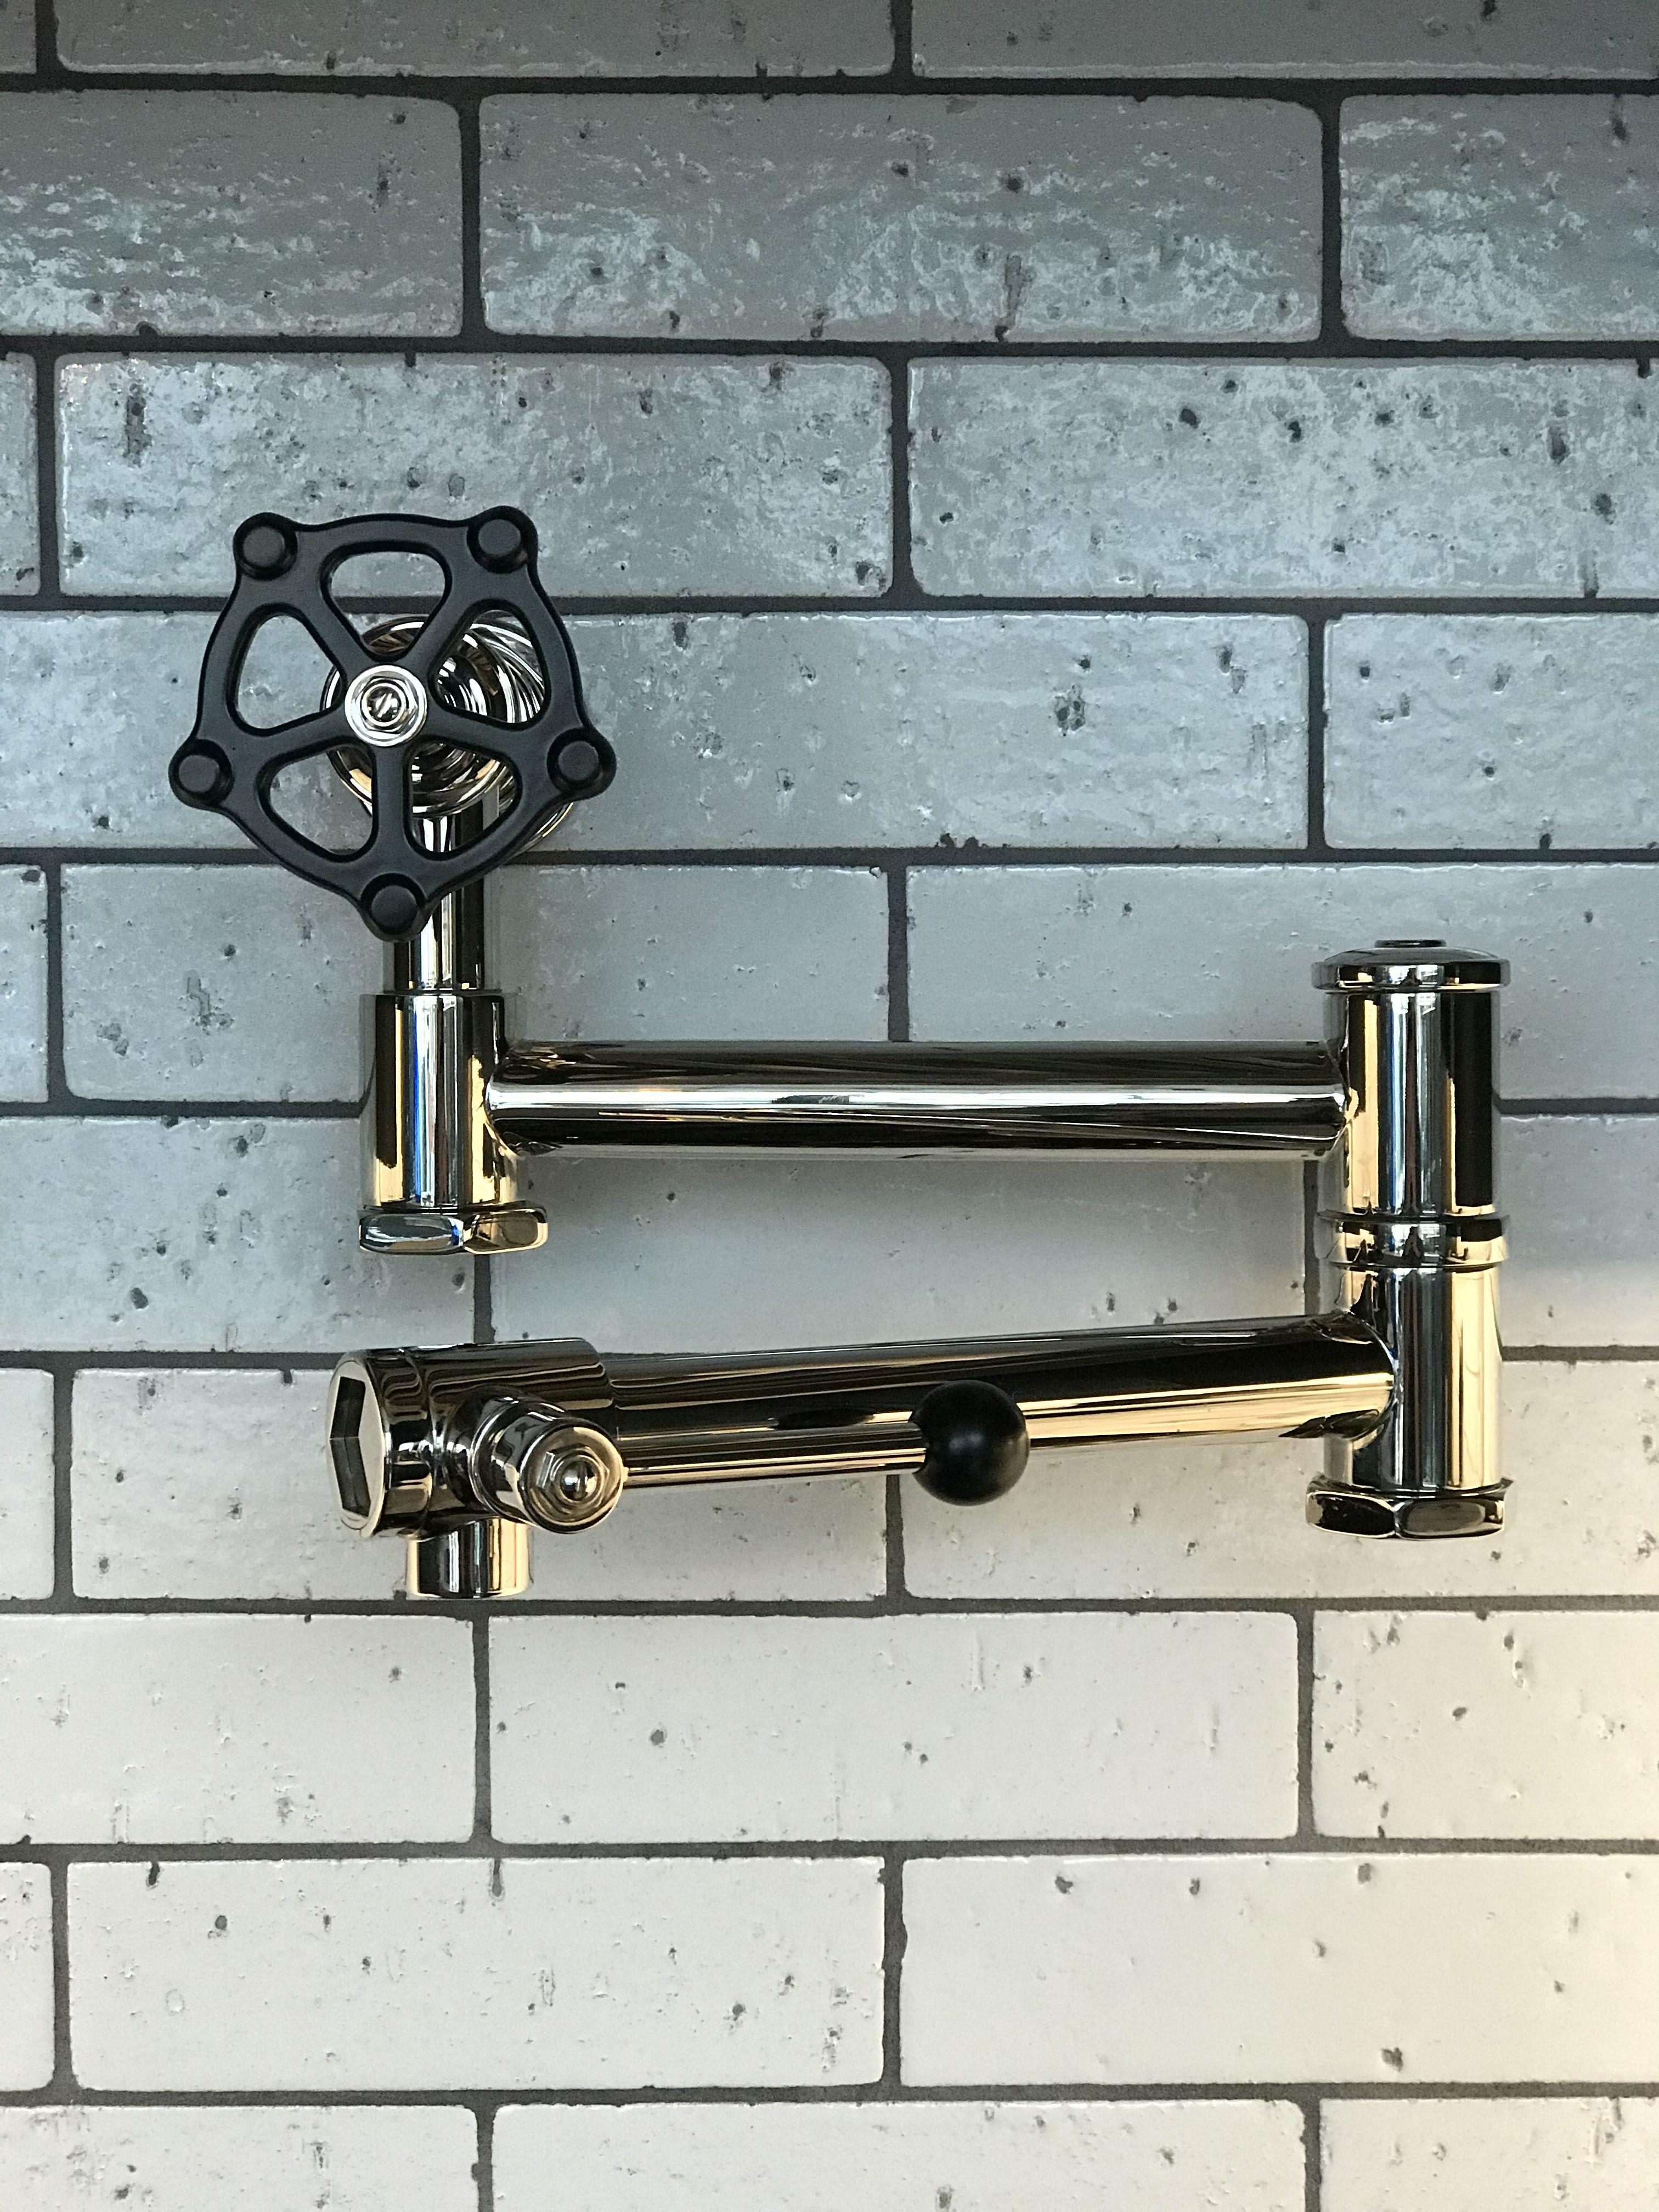 regulator wall mounted articulated pot